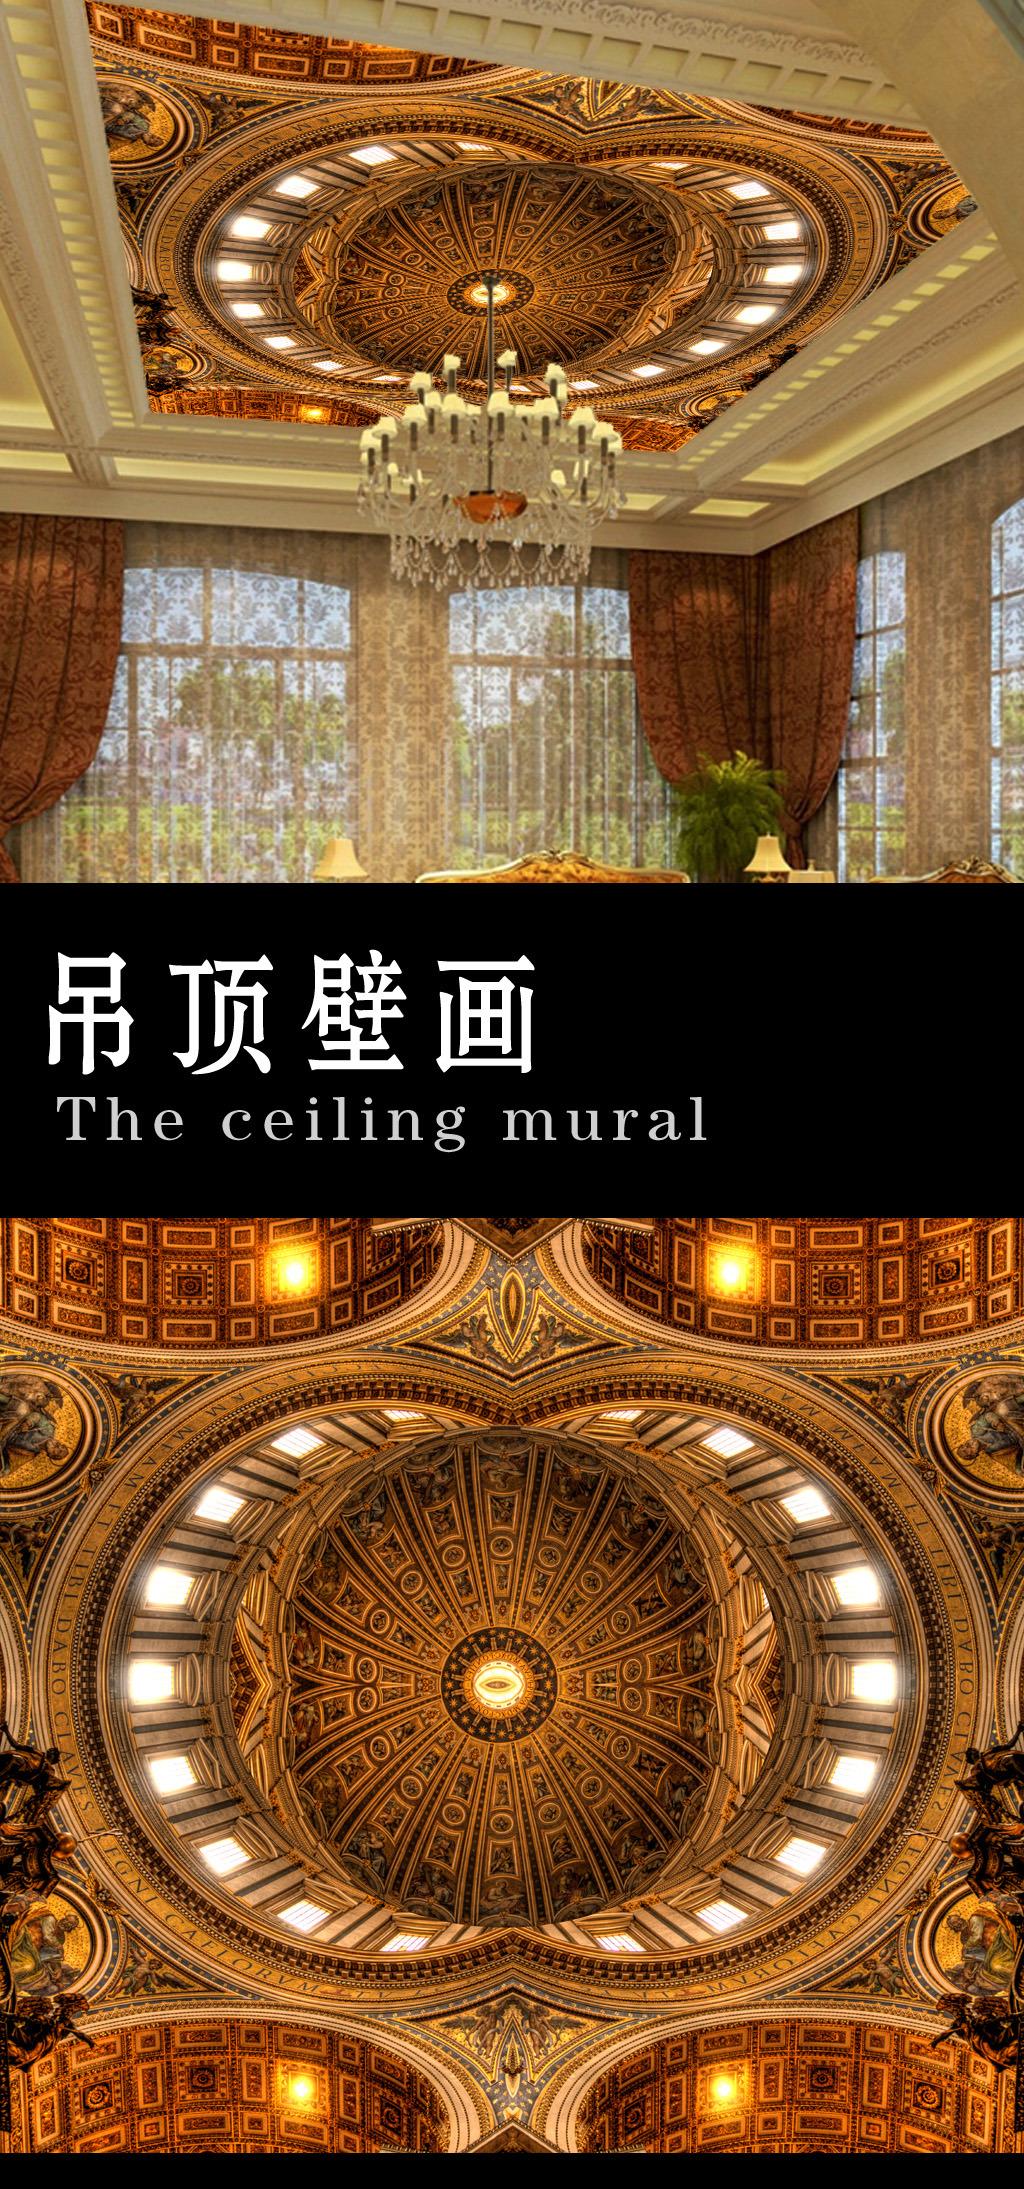 楼房复式楼吊顶天定壁画图片下载